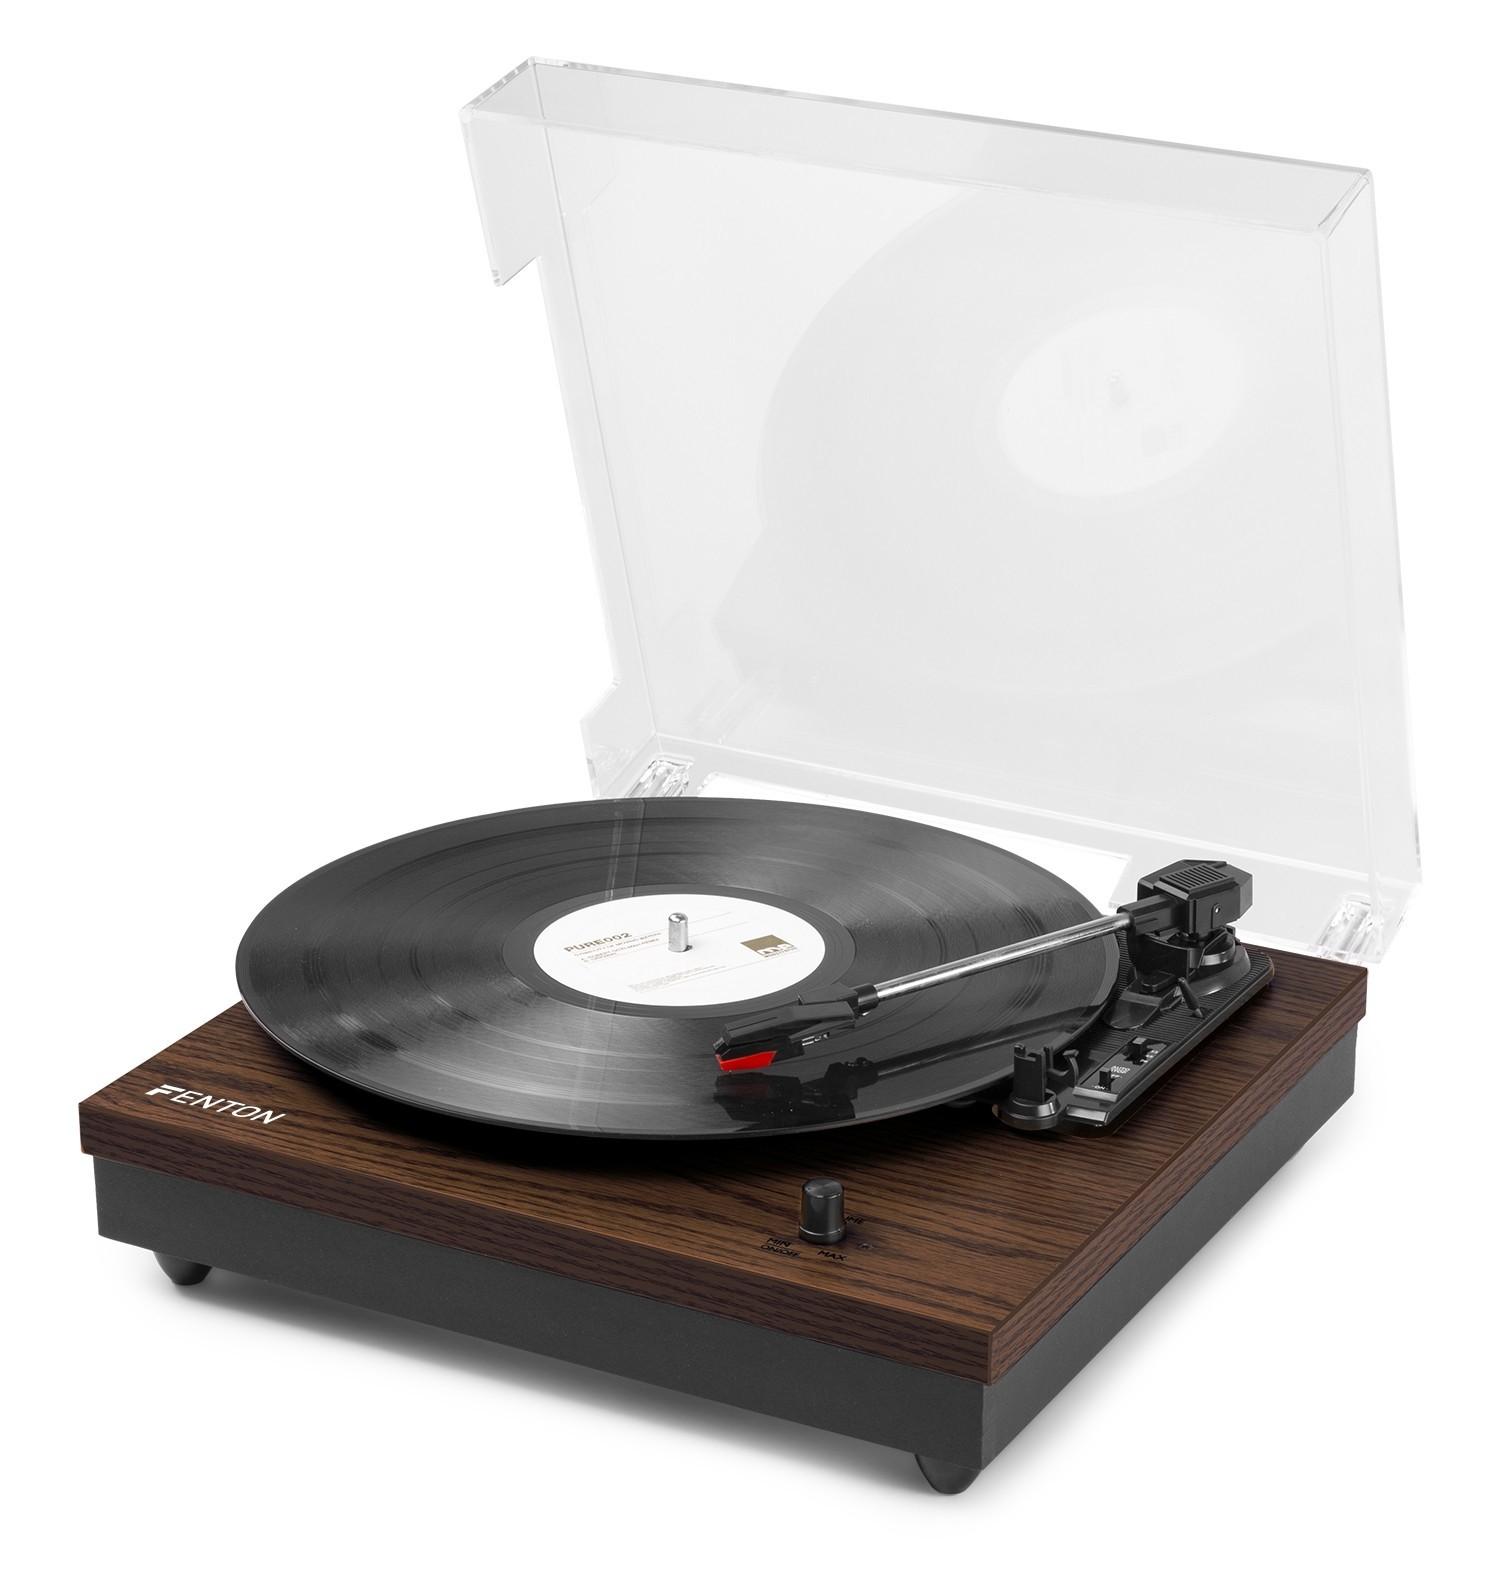 RP112D Pick-up cu Bluetooth, carcasă din lemn, Fenton